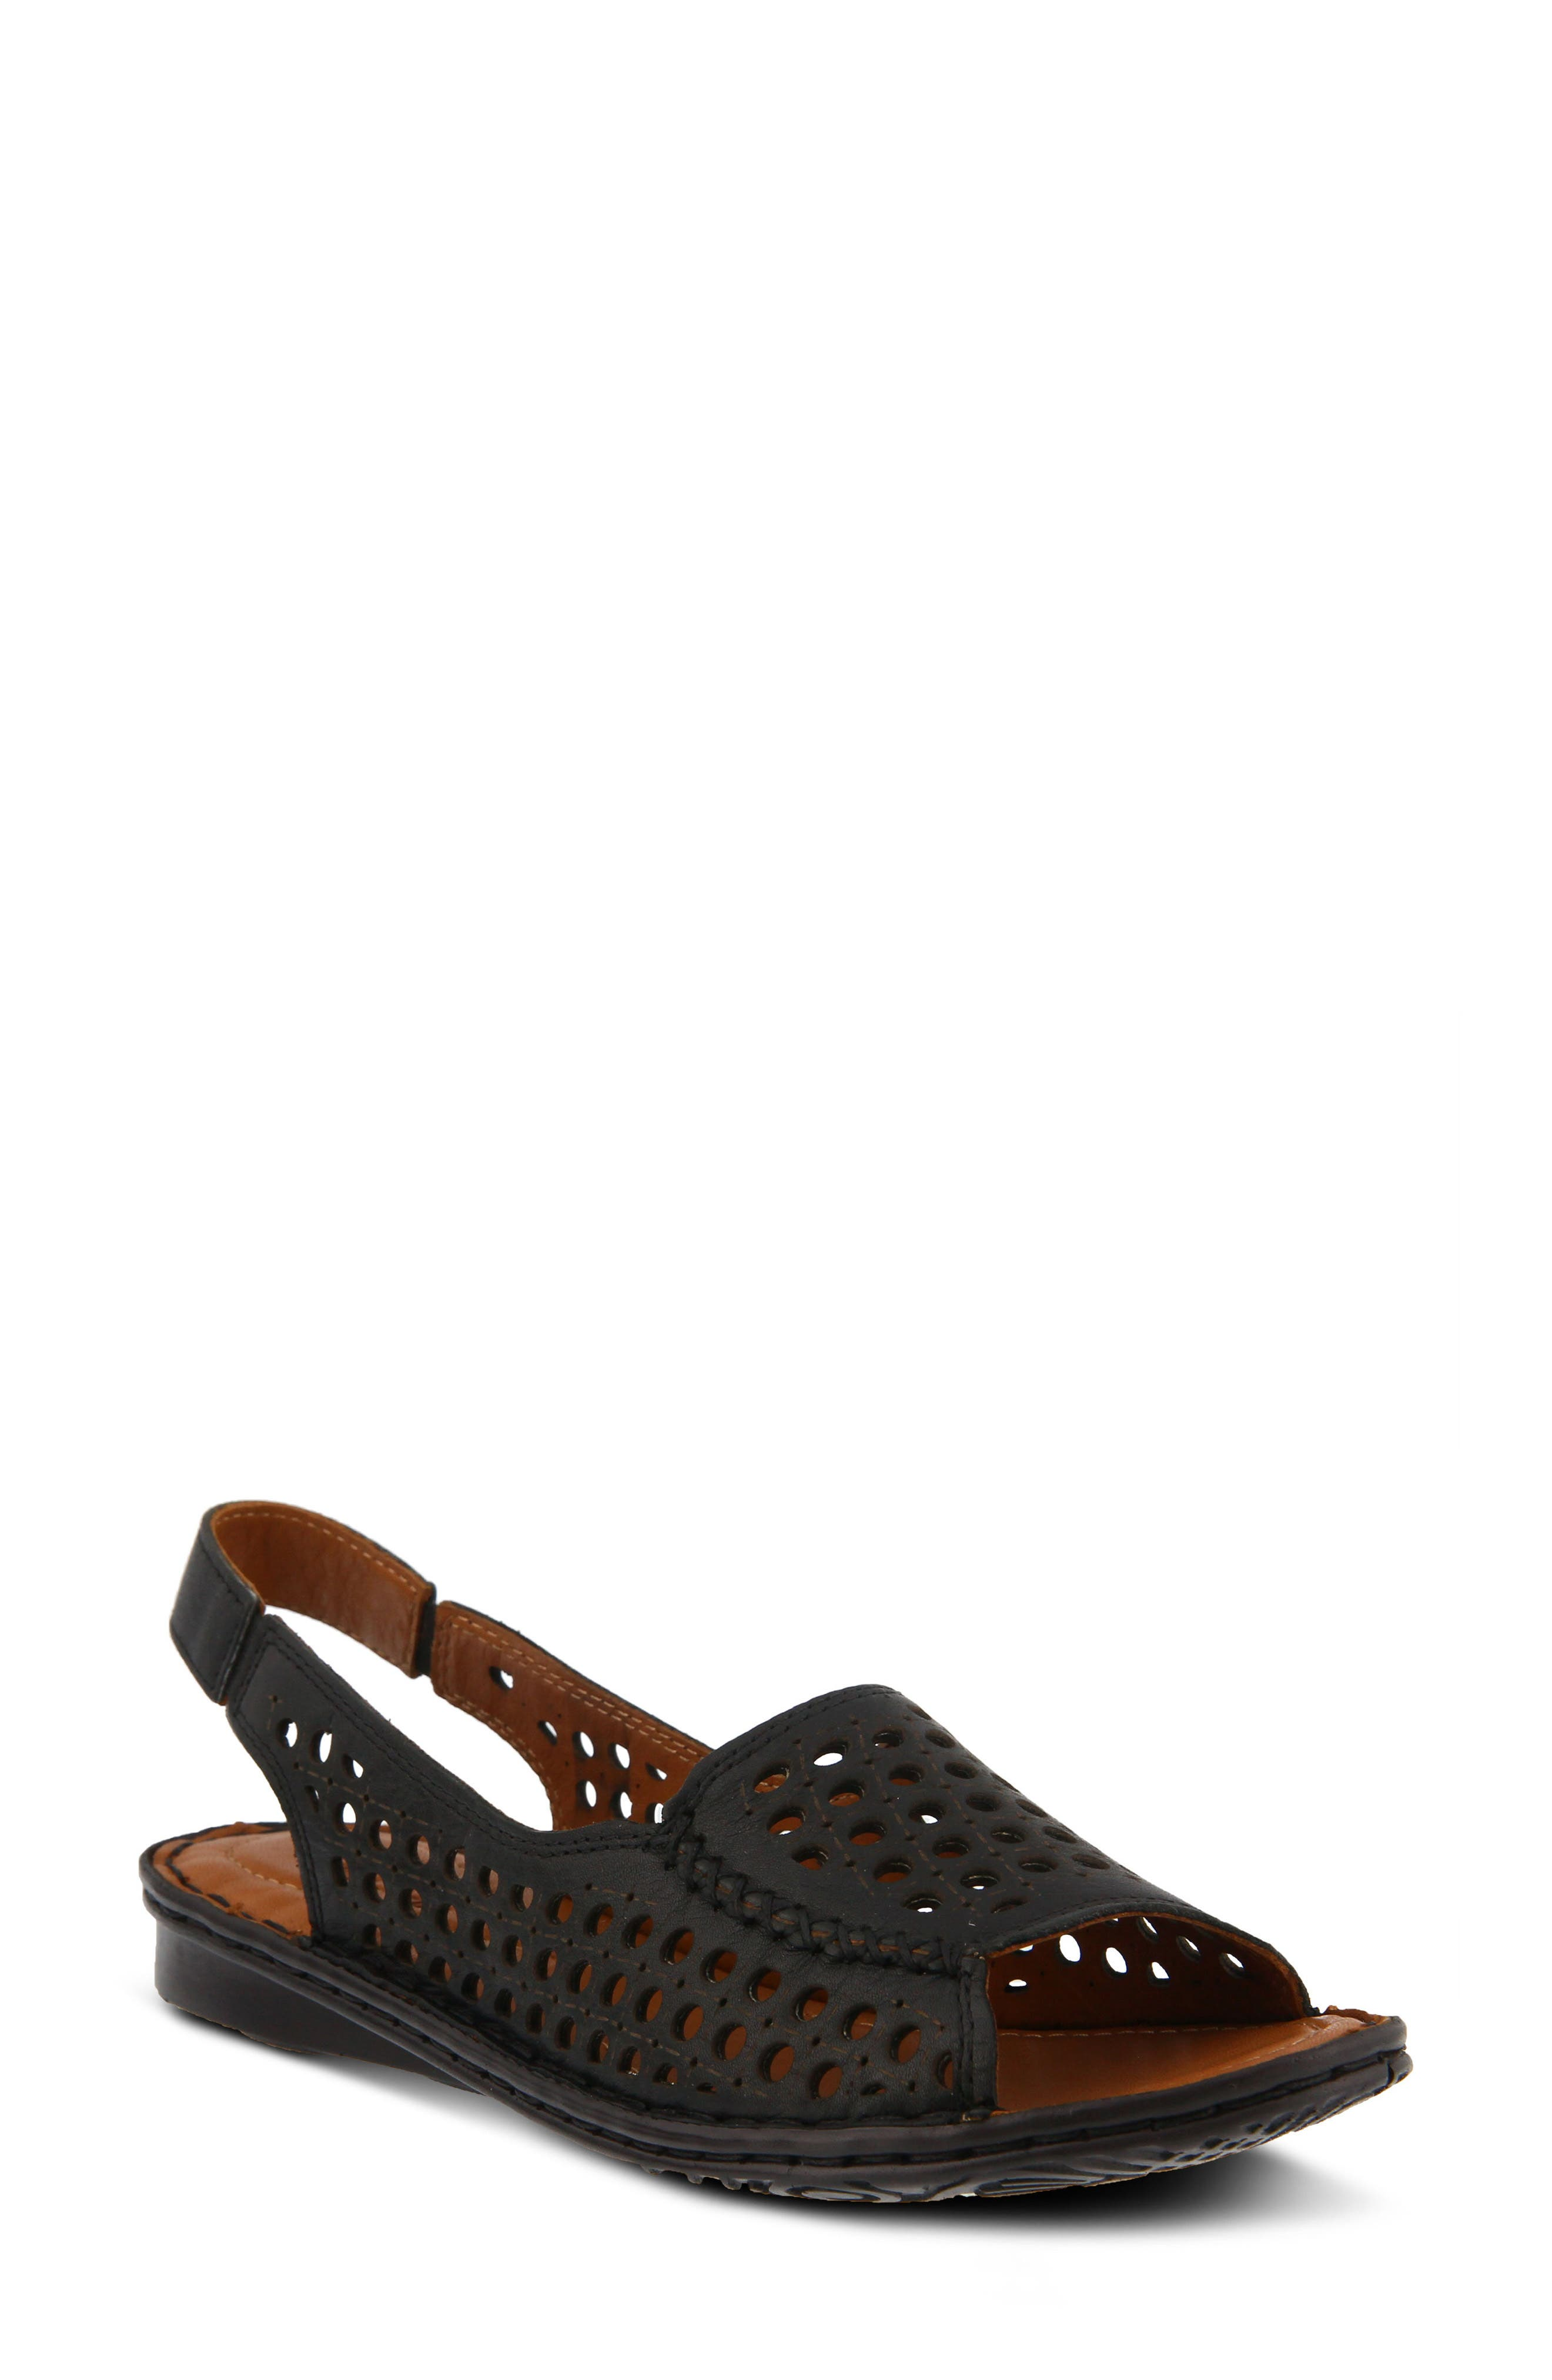 Jordana Slingback Sandal,                             Main thumbnail 1, color,                             BLACK LEATHER